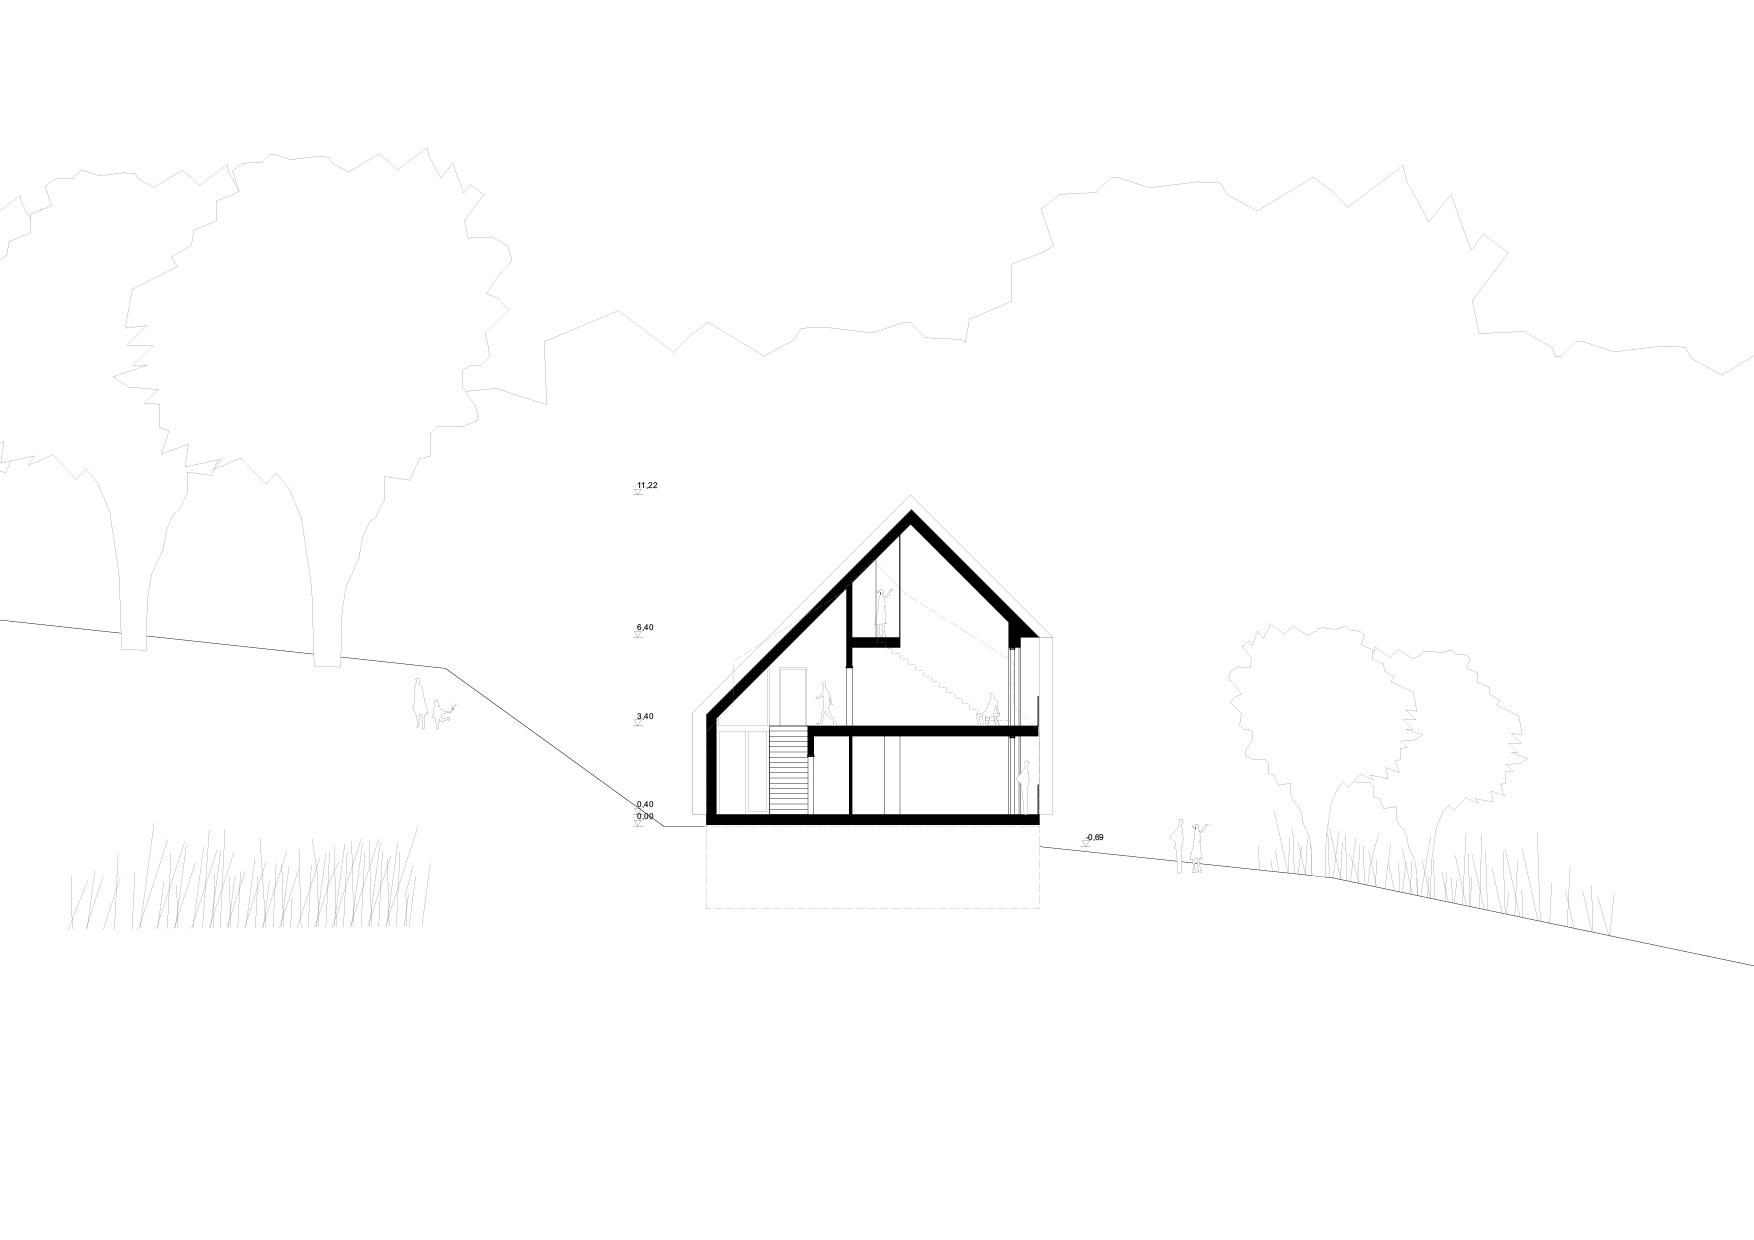 KUBIK Architektur - Studio für Architektur Berlin - architecture - Projekt - Hotel - Parkstudios - Schnitt